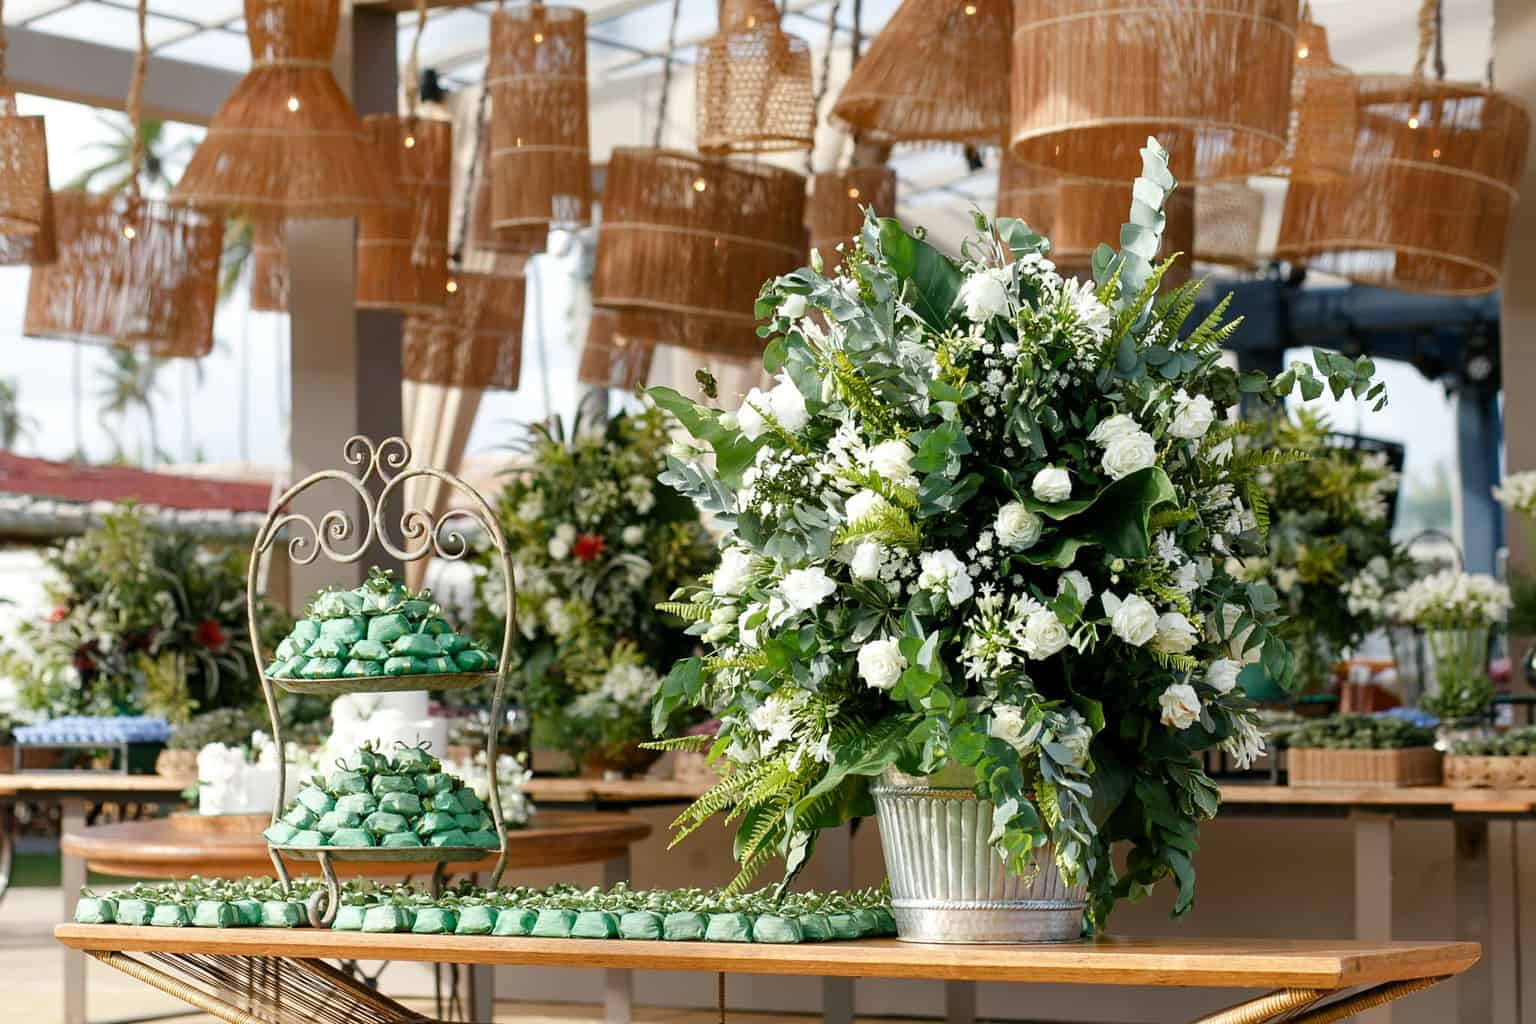 AL-Aline-e-Mauricio-bolo-de-casamento-capela-dos-milagres-casamento-casamento-na-praia-decoracao-de-casamento31-1